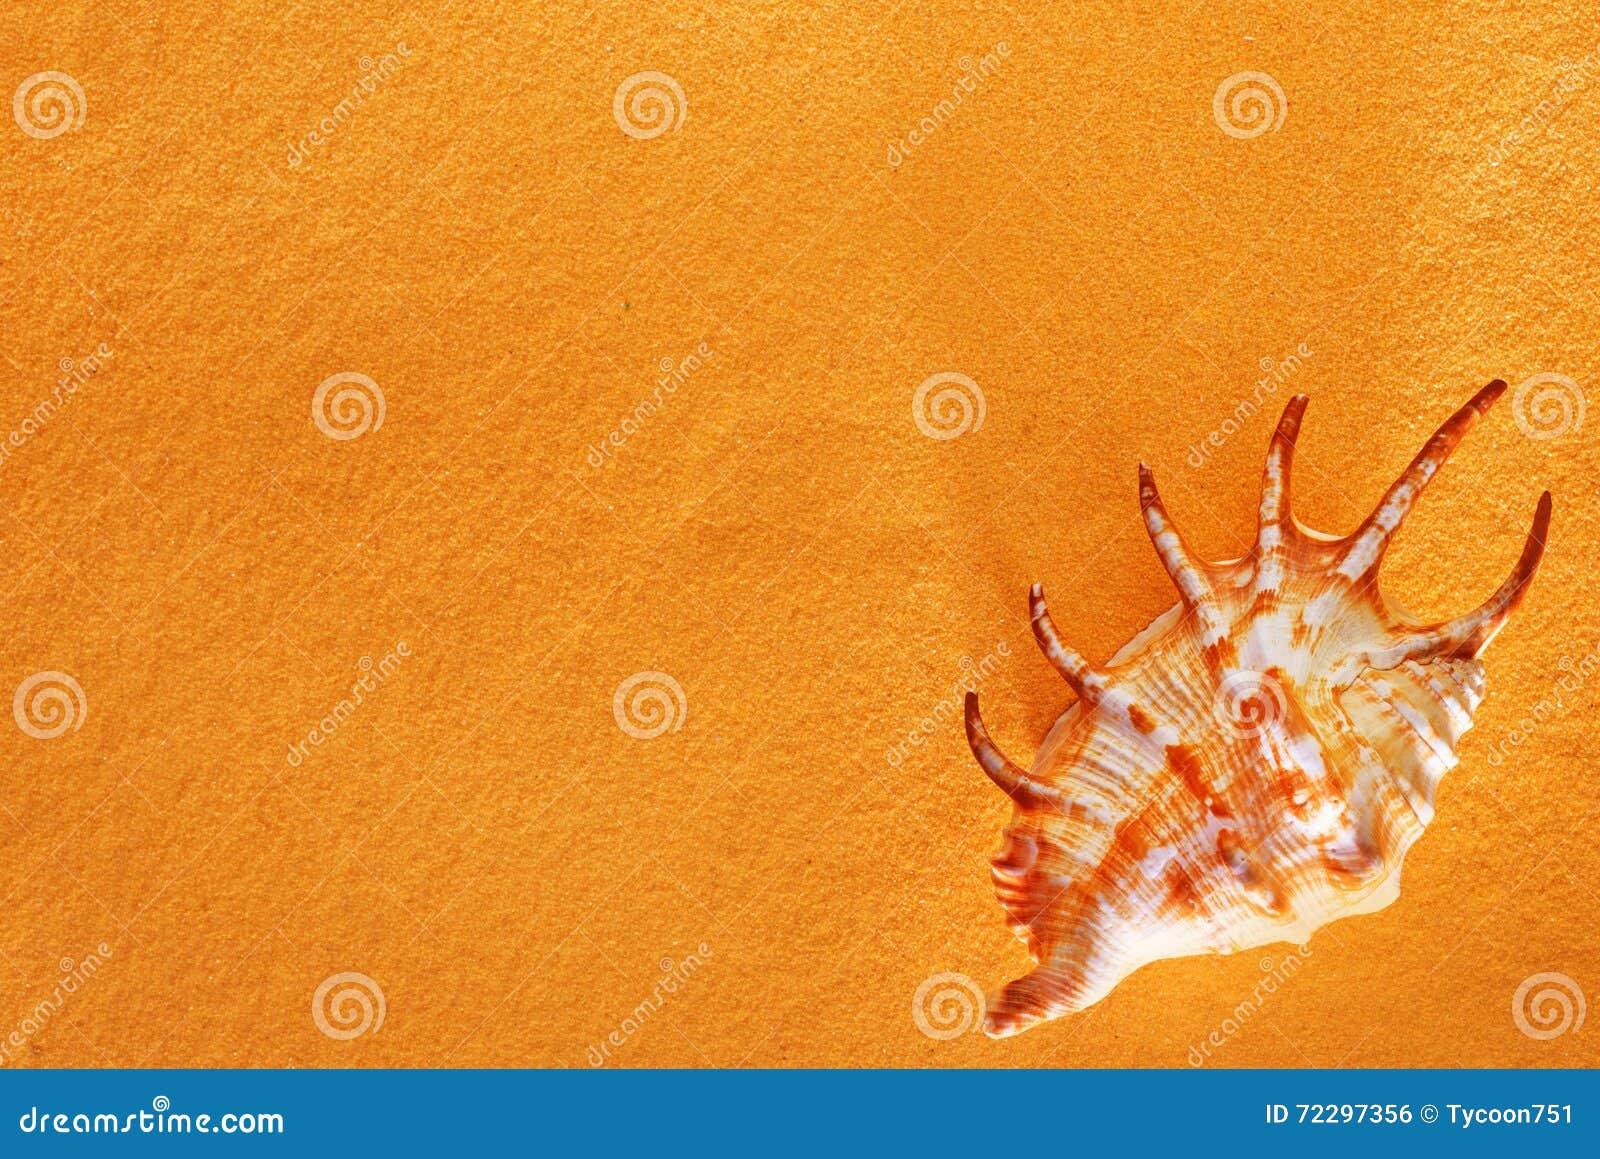 Download Справочная информация стоковое фото. изображение насчитывающей seashore - 72297356